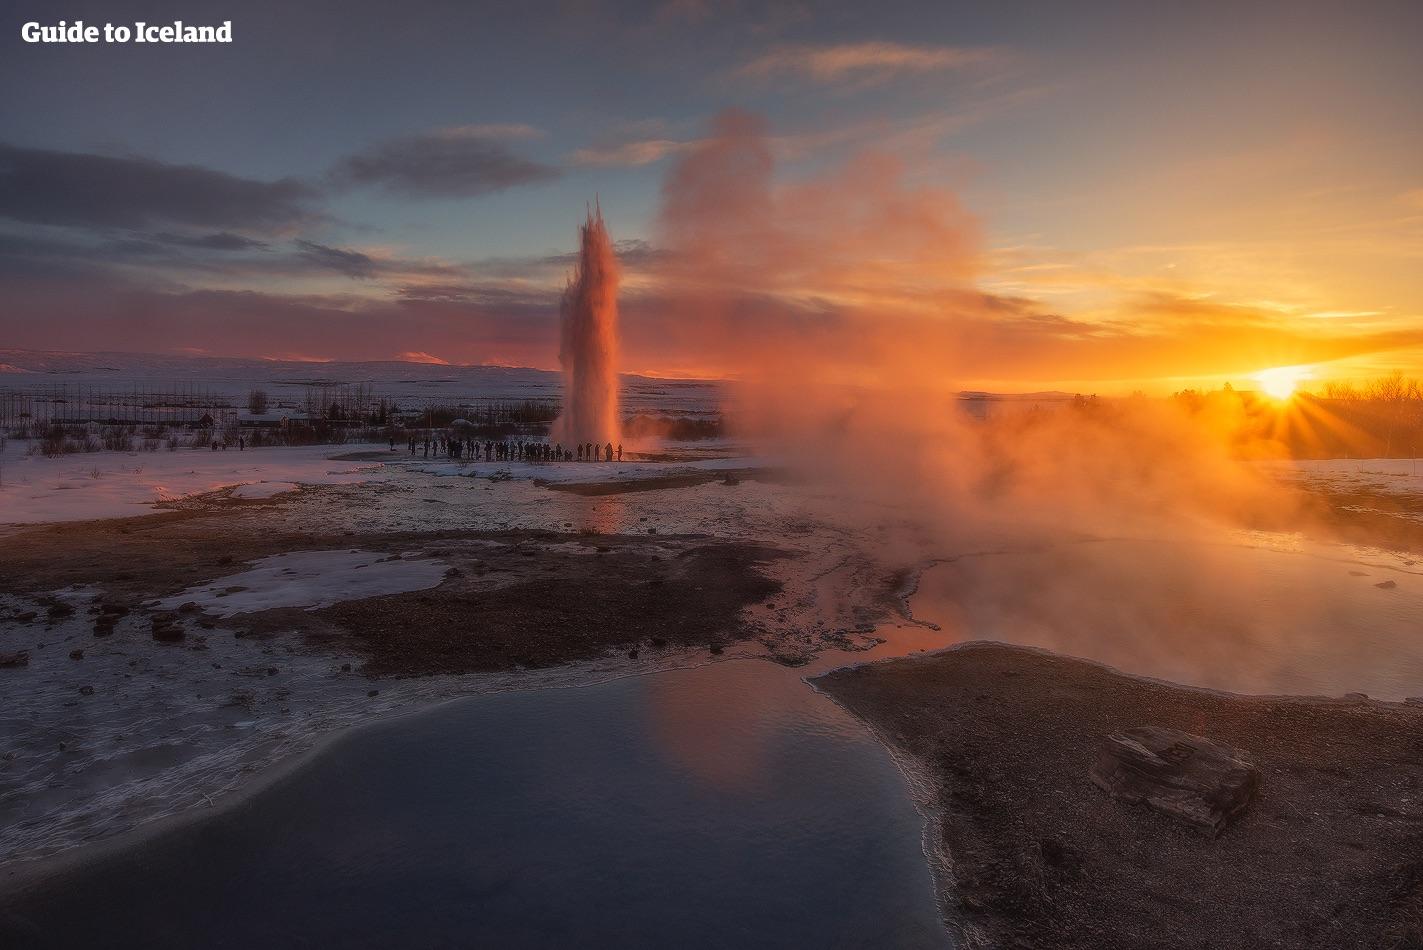 """Gli effetti del costante """"crepuscolo"""" durante le poche ore di sole dell'inverno islandese offrono degli scenari spettacolari per delle fotografie incredibili, come l'area geotermica di Geysir nel Sud dell'Islanda."""